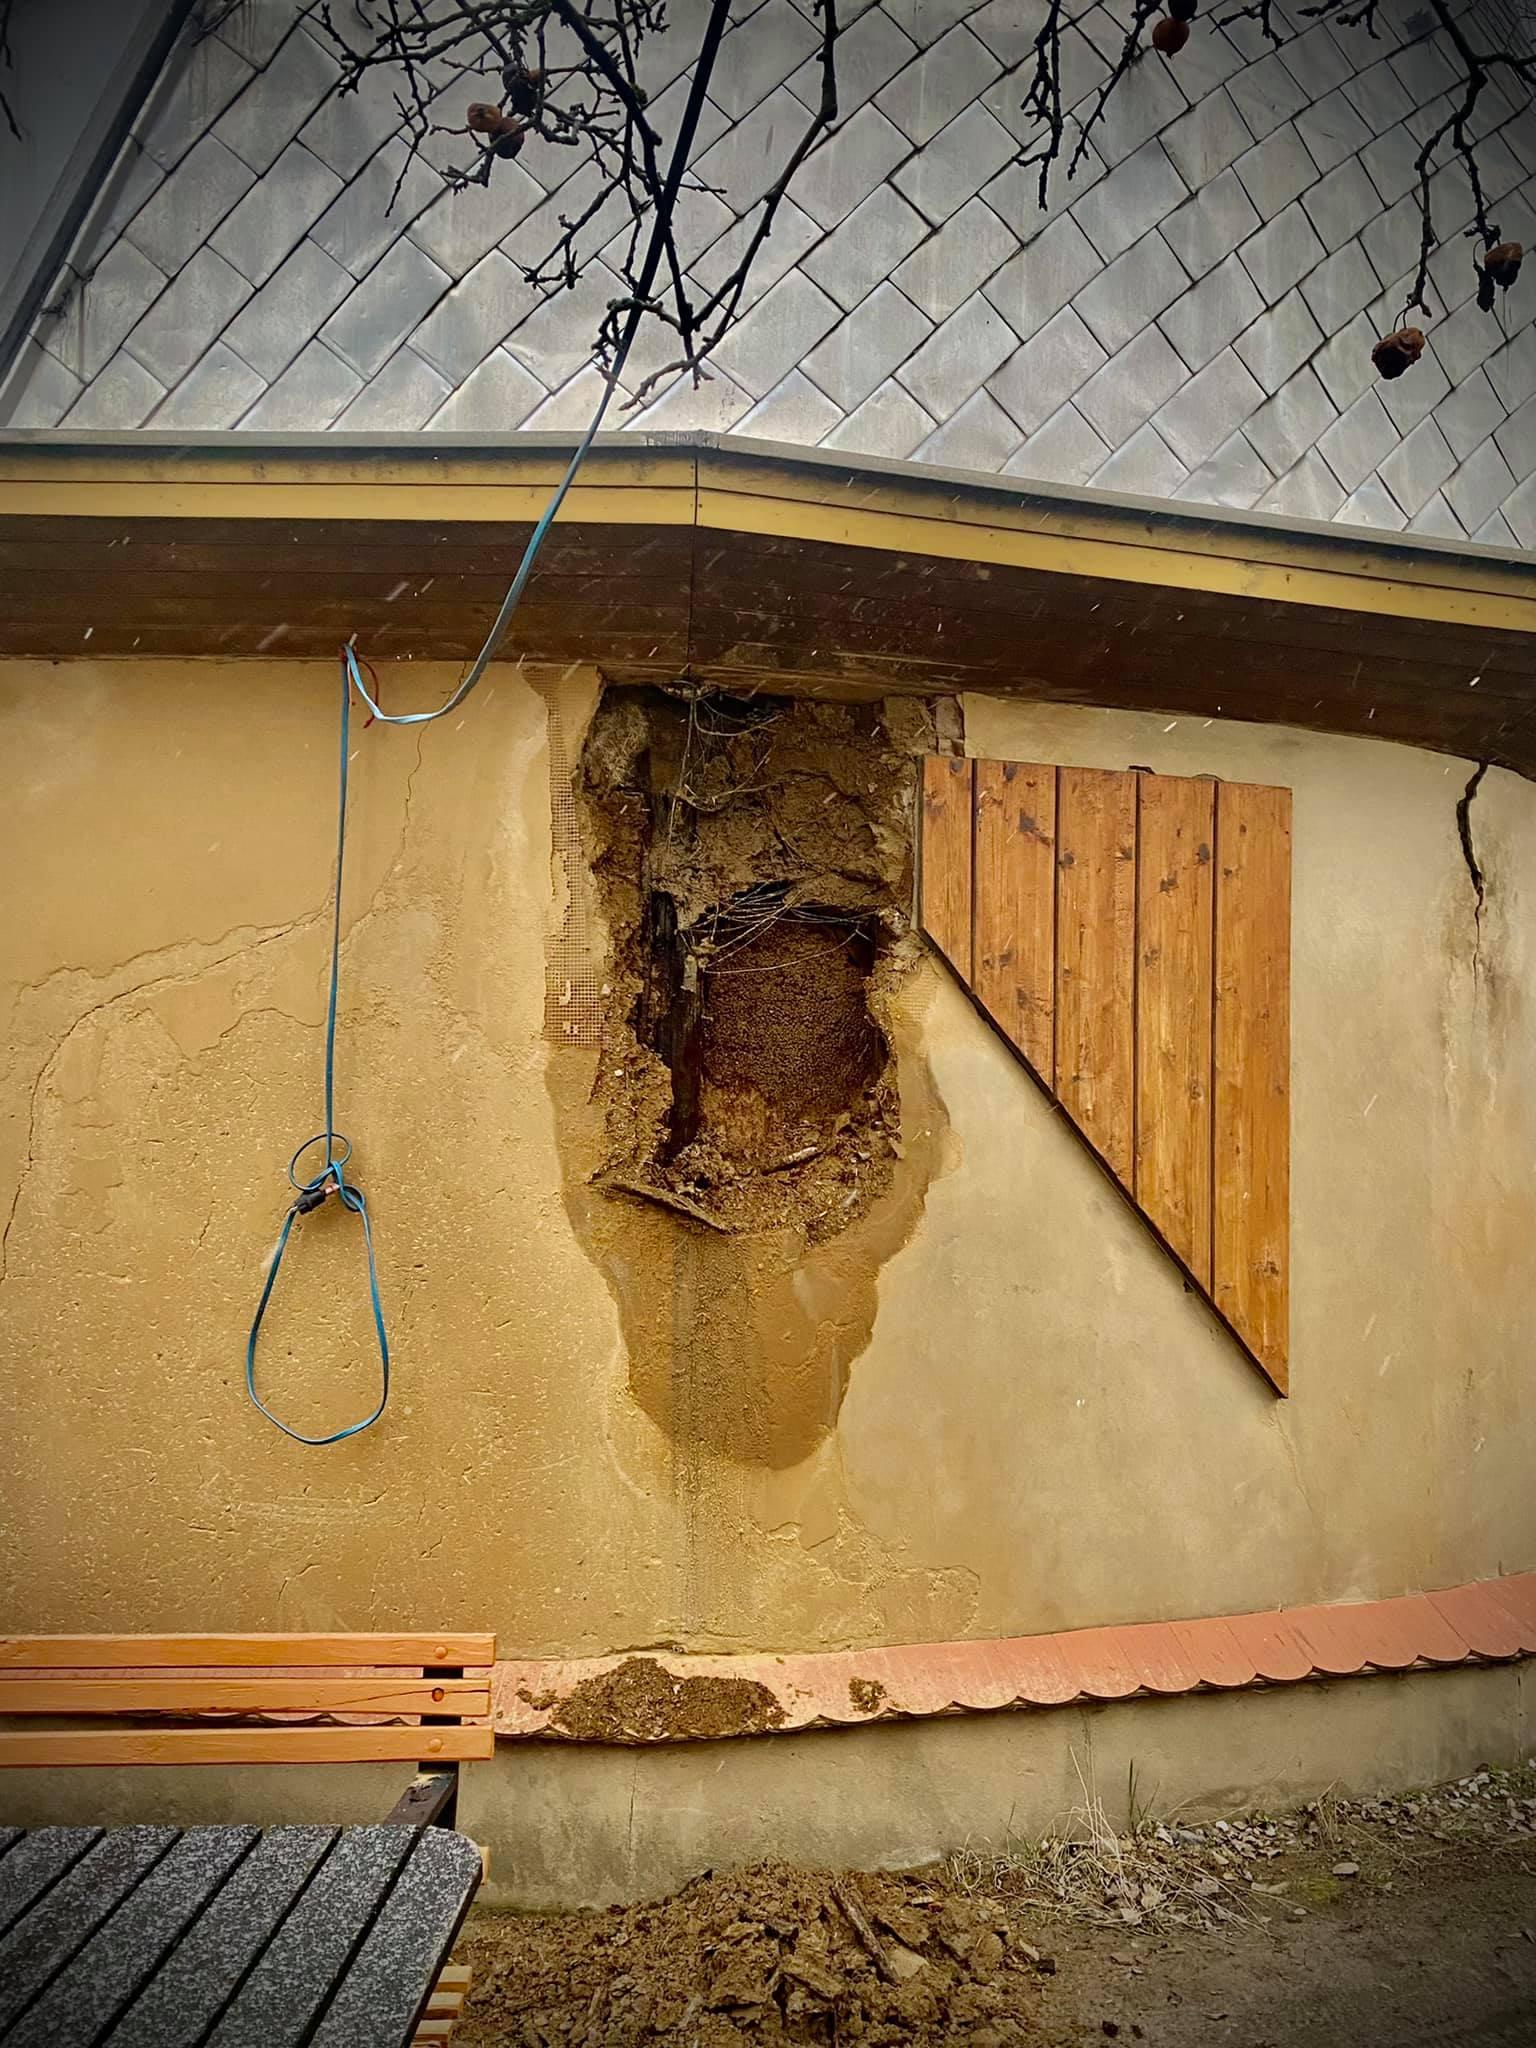 Die undichte Dachrinne führte zu einem schweren Schaden an der Fassade. © Spielplatzinitiatve Marzahn